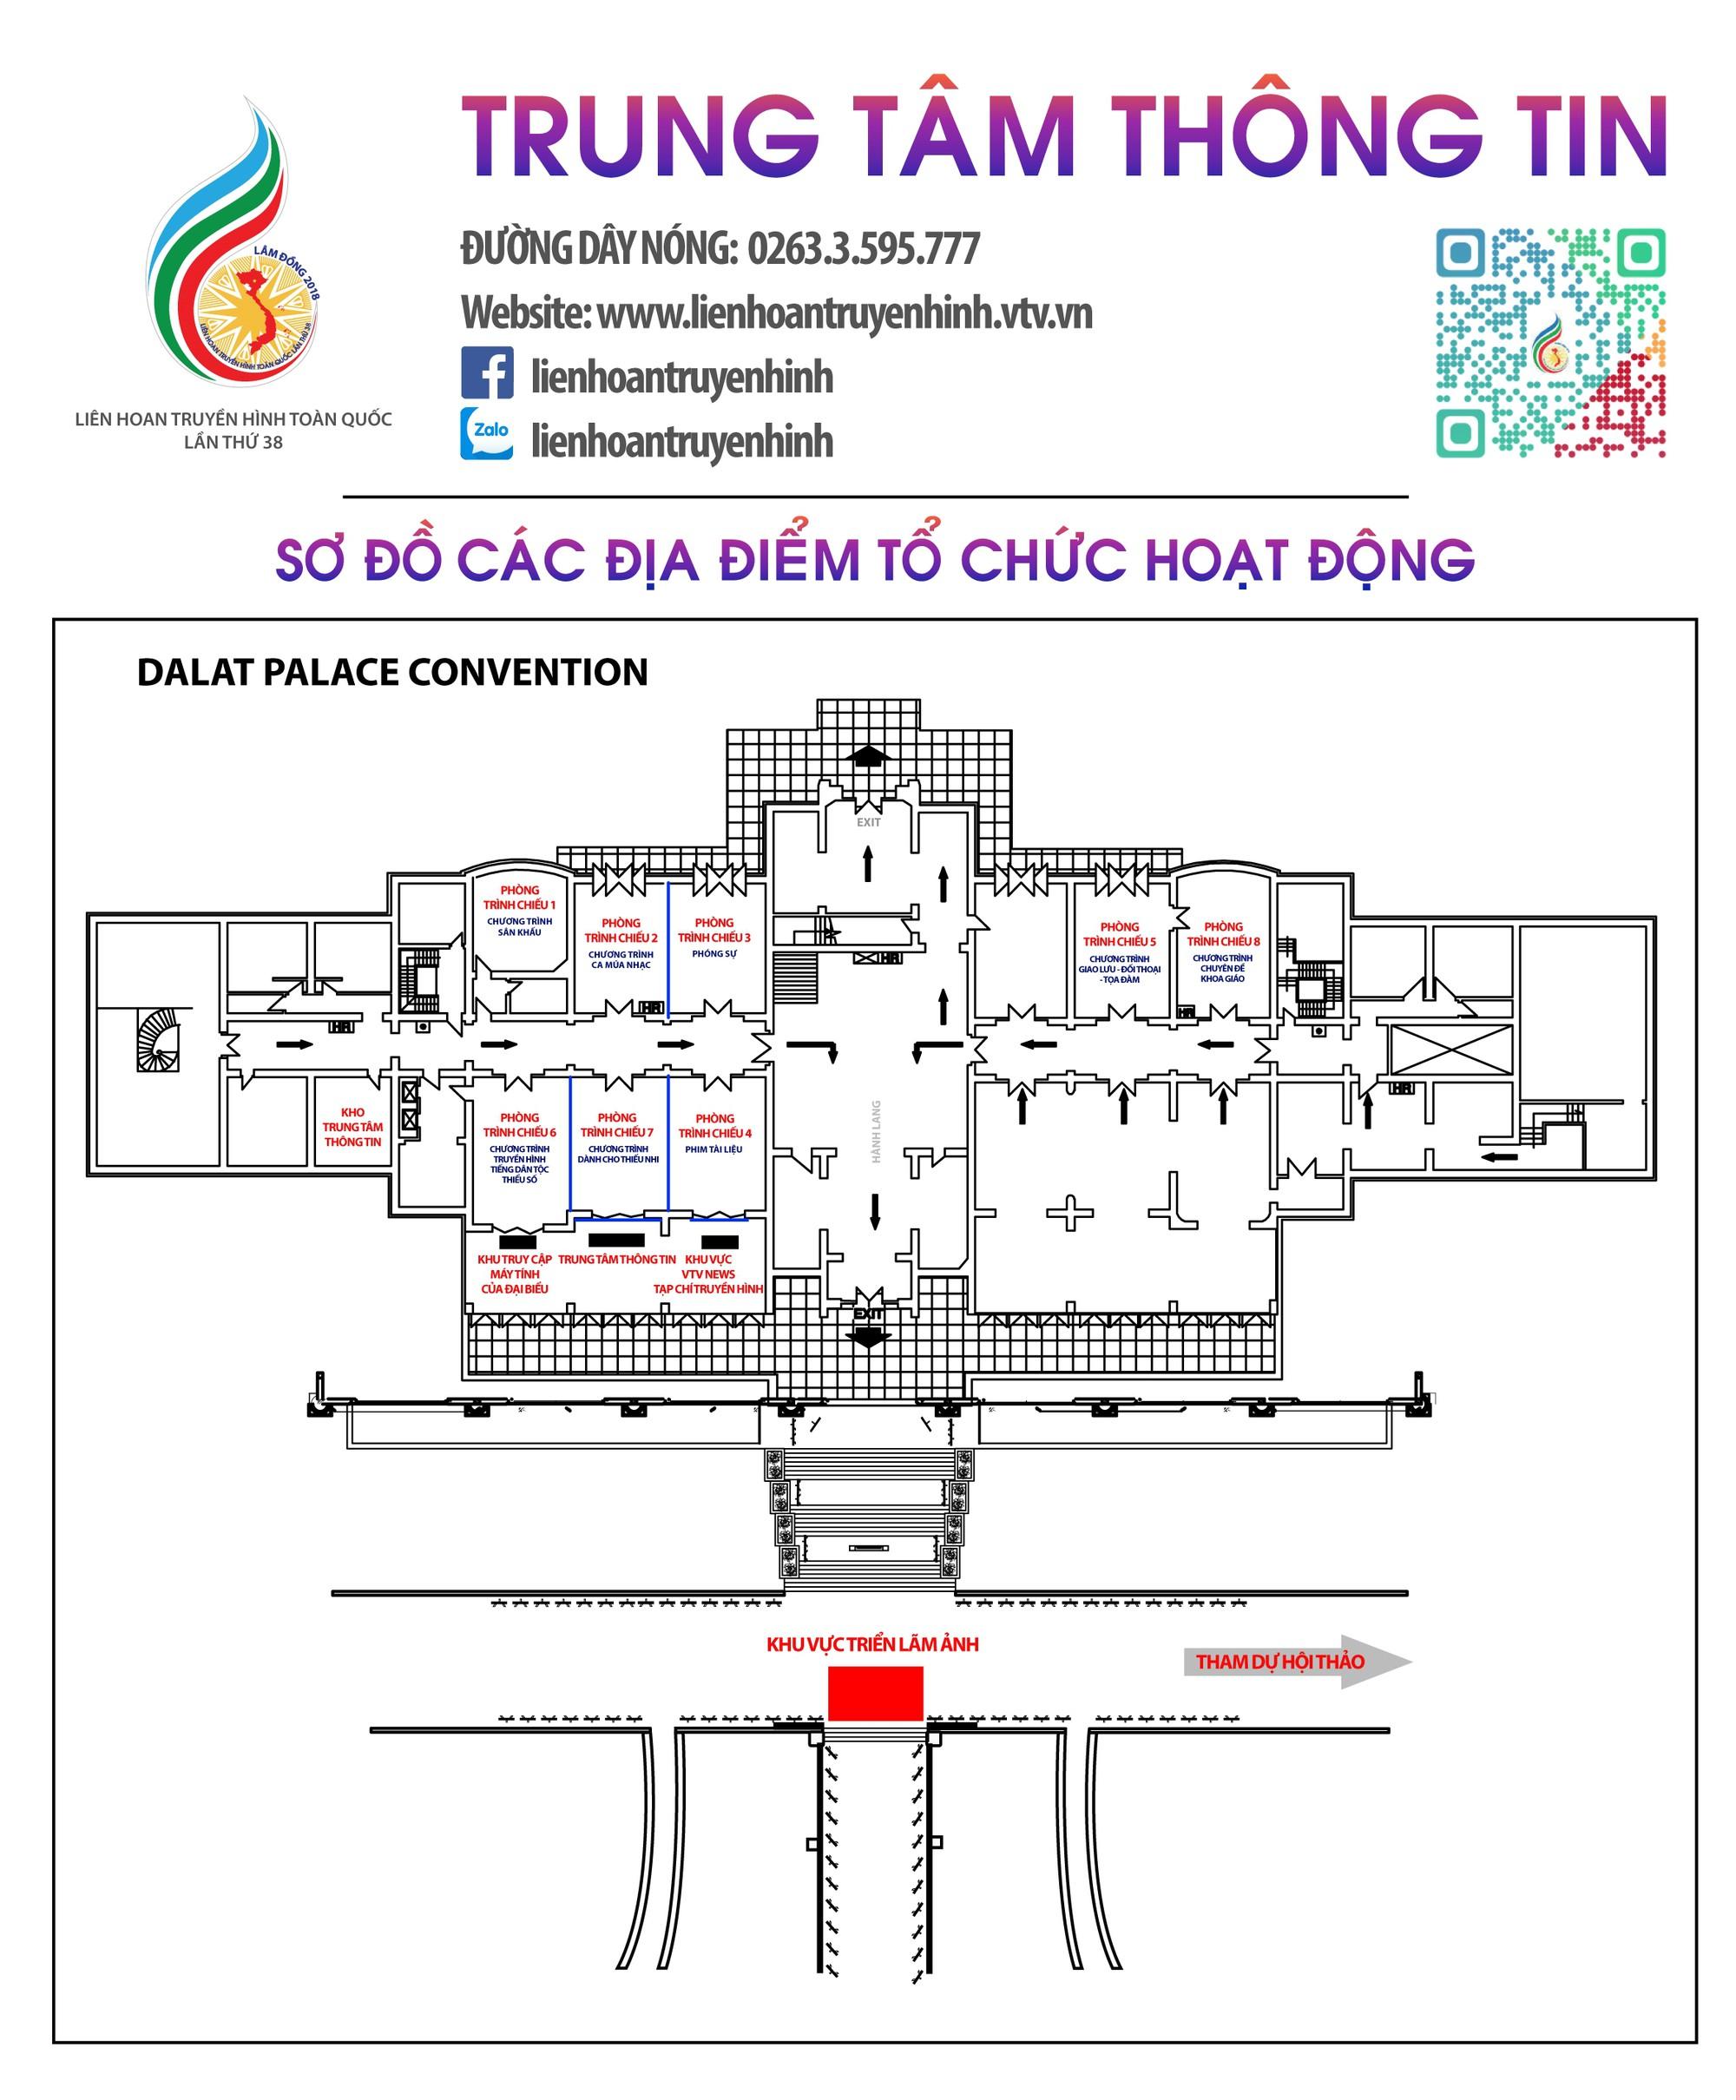 file in lhthtq38 trung tam thong tin edit 04122018-02-ok